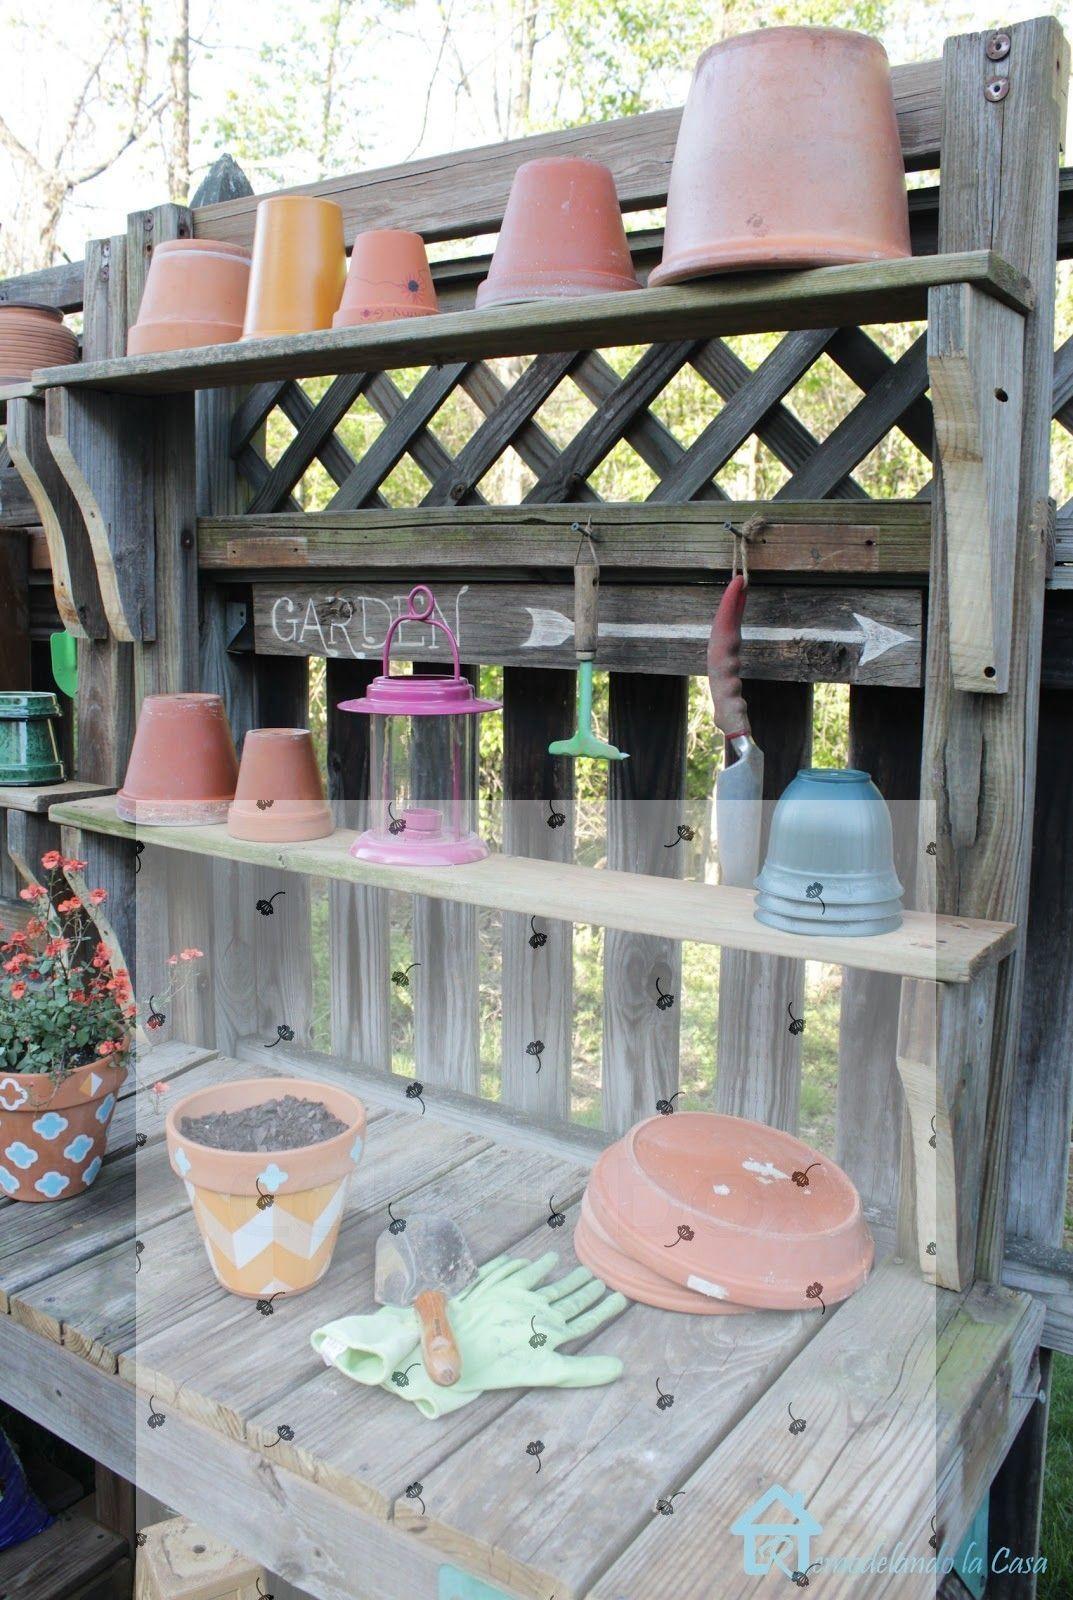 Surprising diy ideas rustic outdoor christmas rustic centerpieces